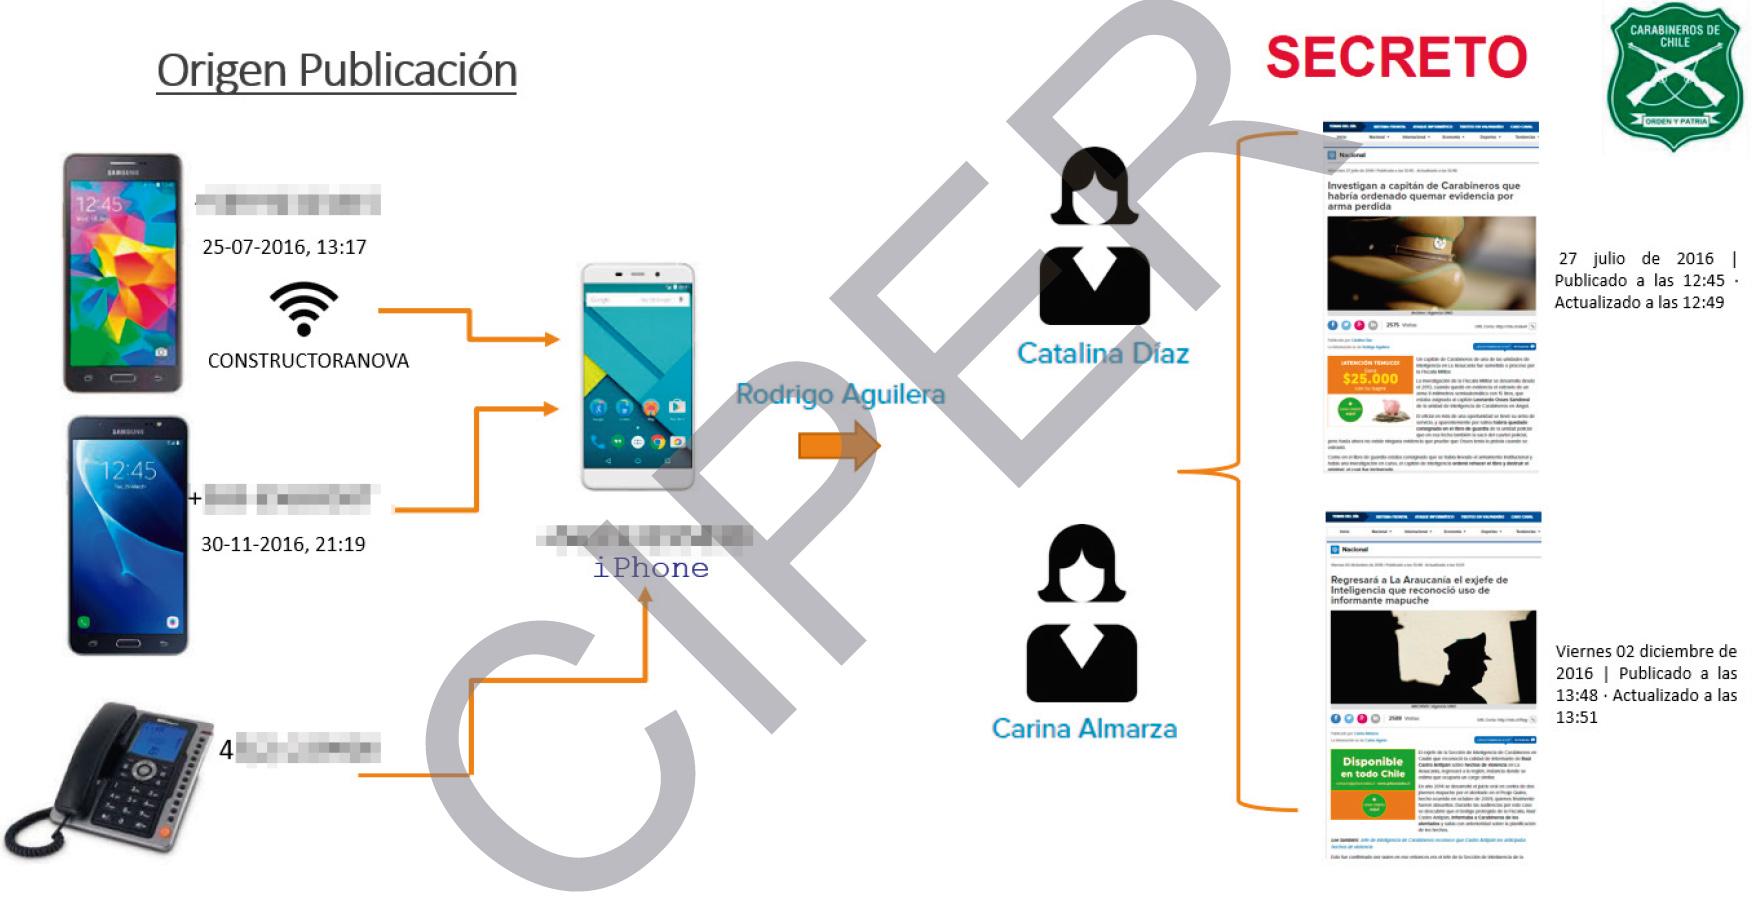 Infografía del informe de la UIOE donde se establecería cómo la información llegó a los periodistas